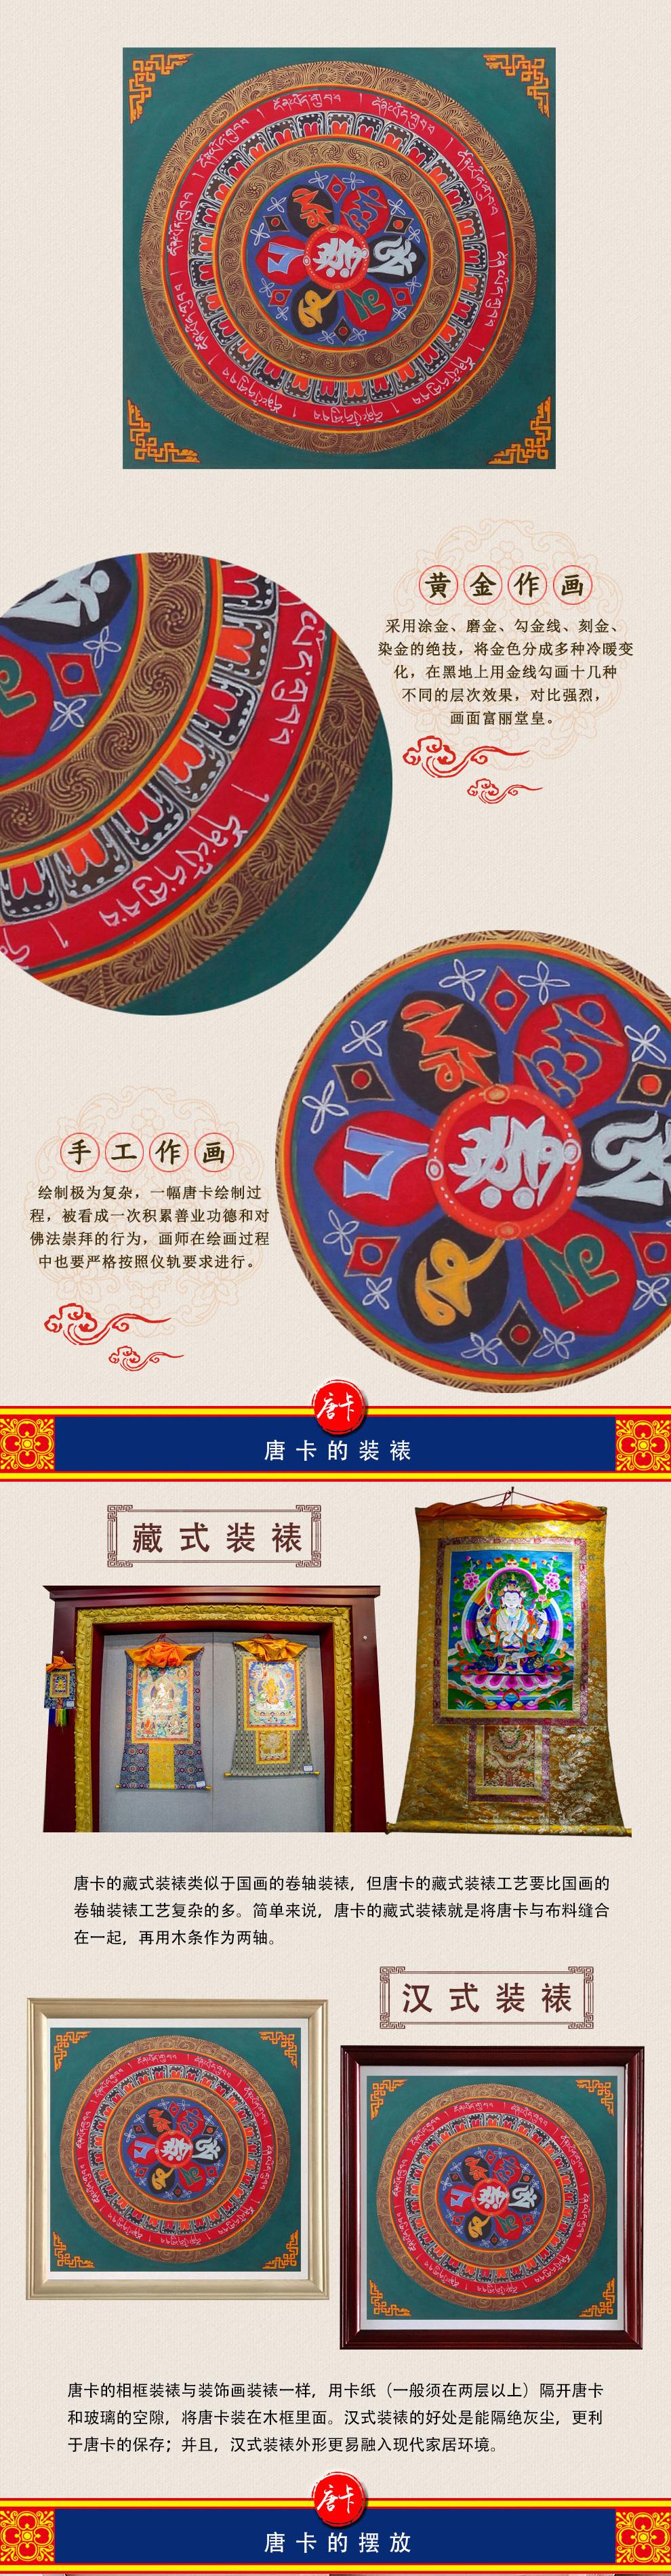 手绘描金坛城唐卡装饰画